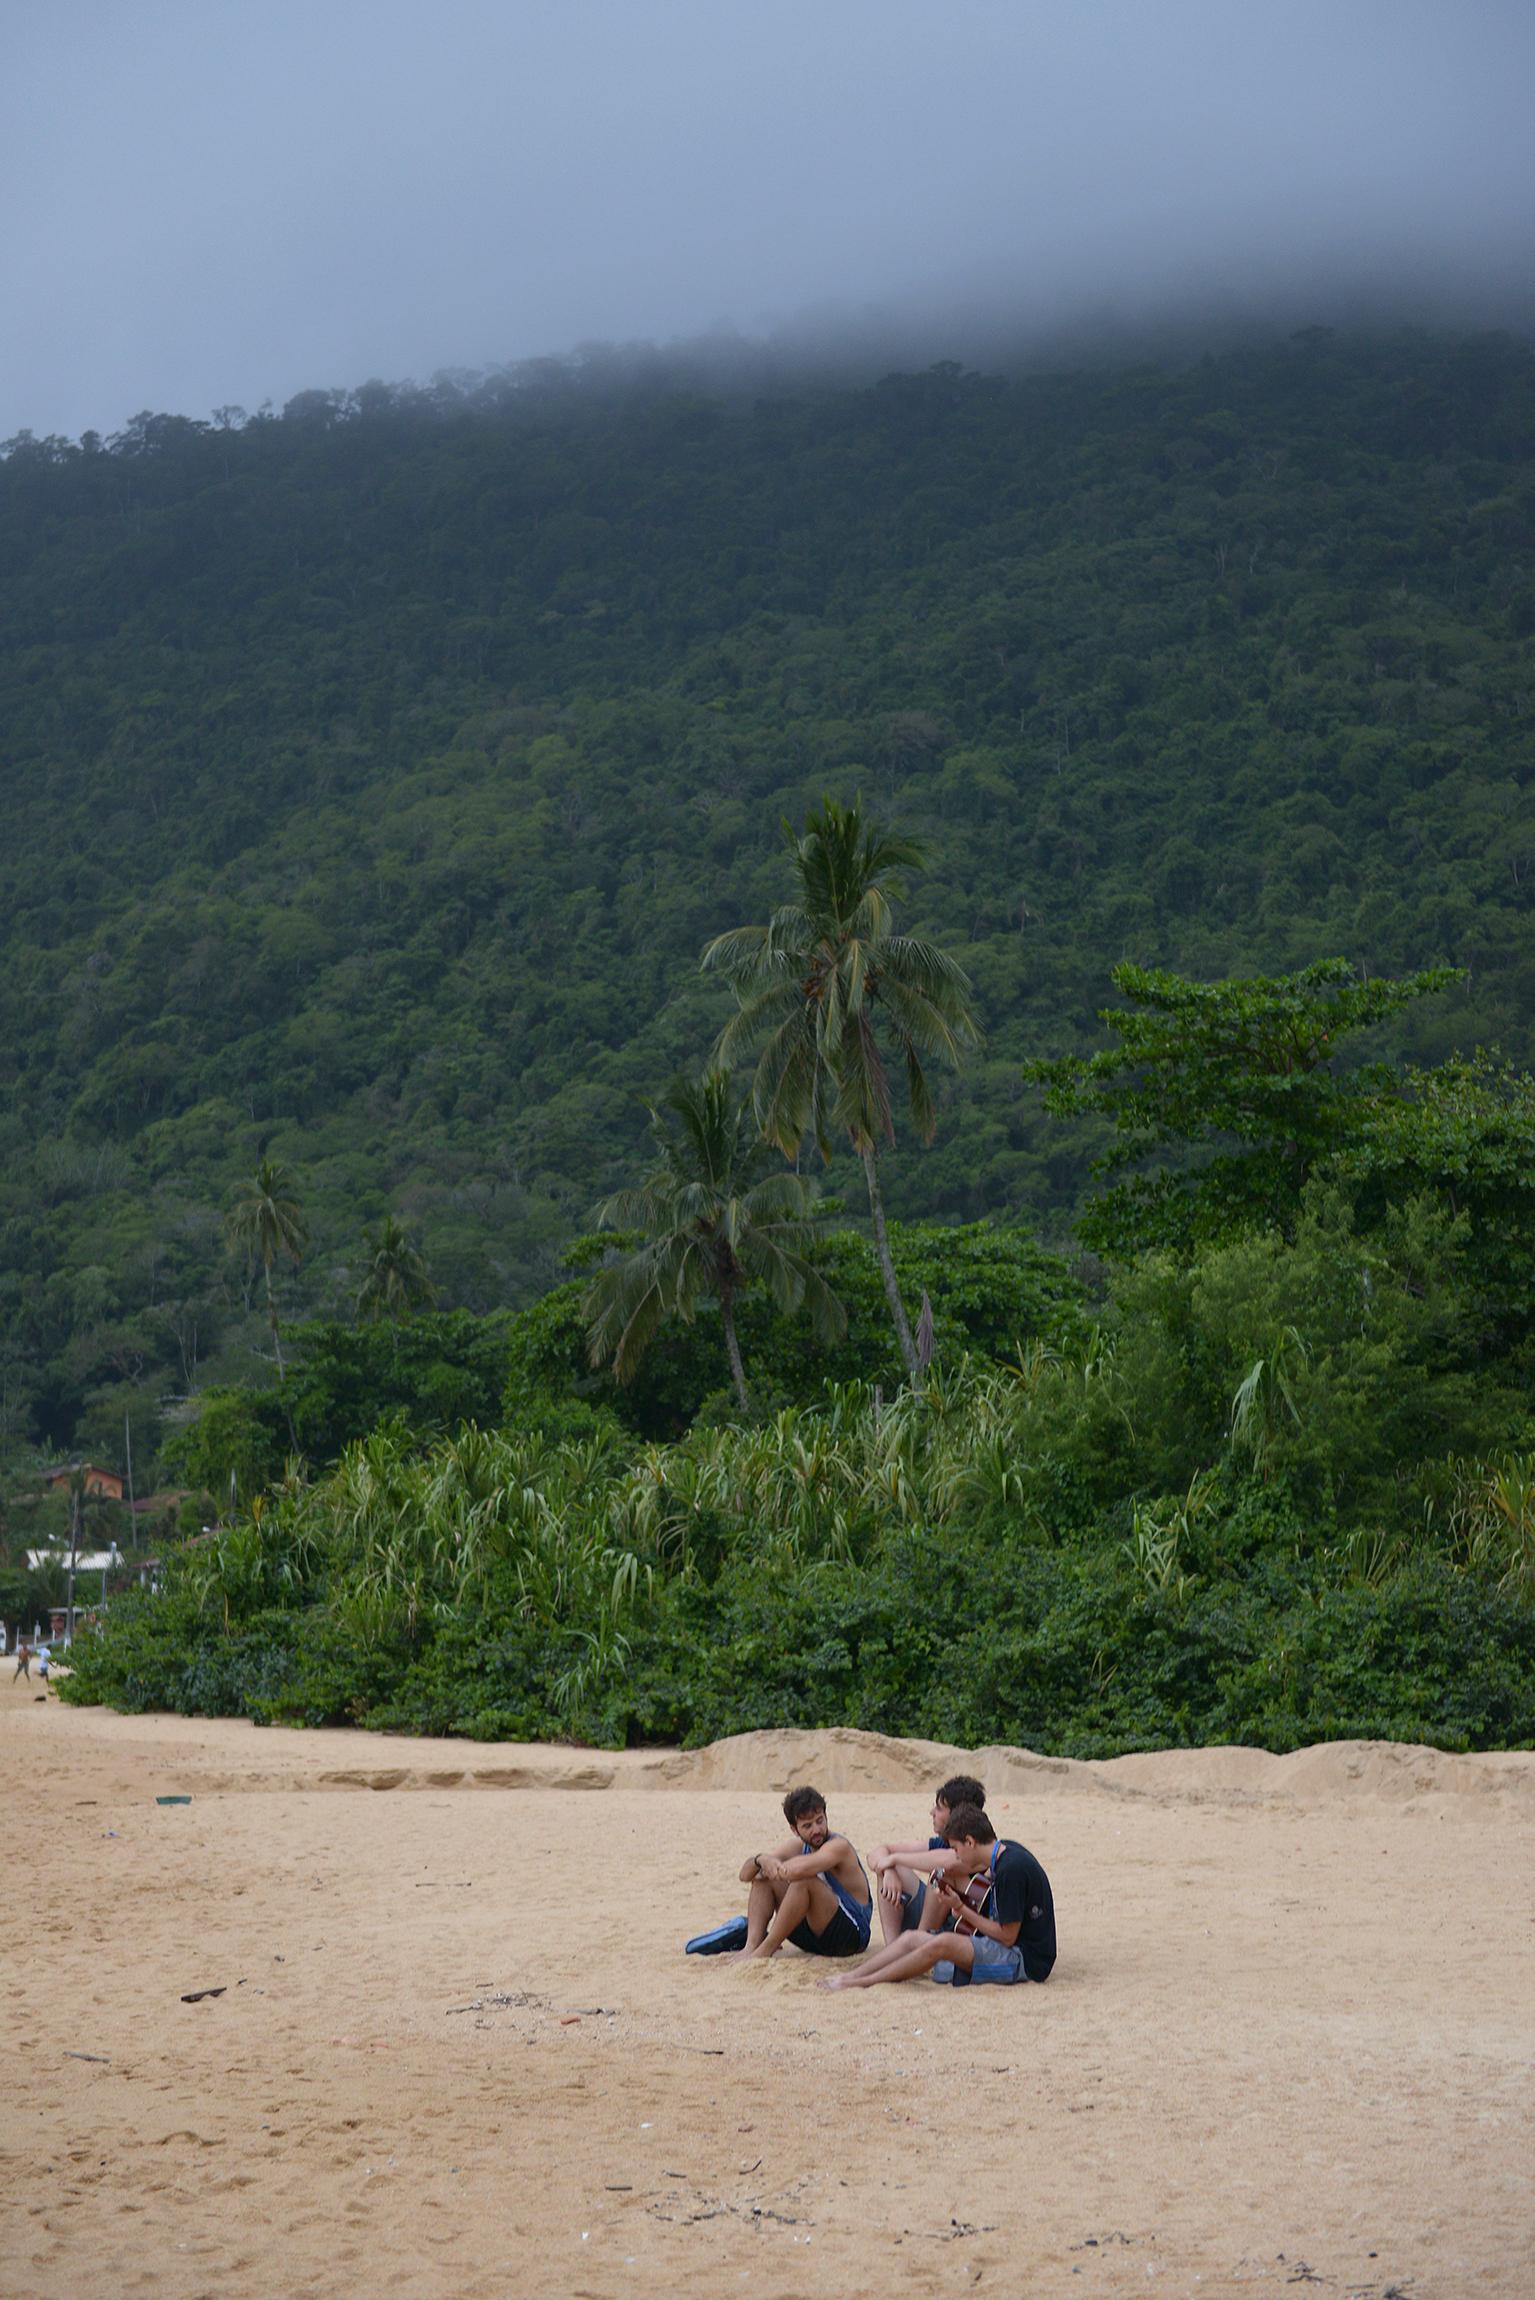 Brasilia, ranta, metsä, matkablogi, blogi